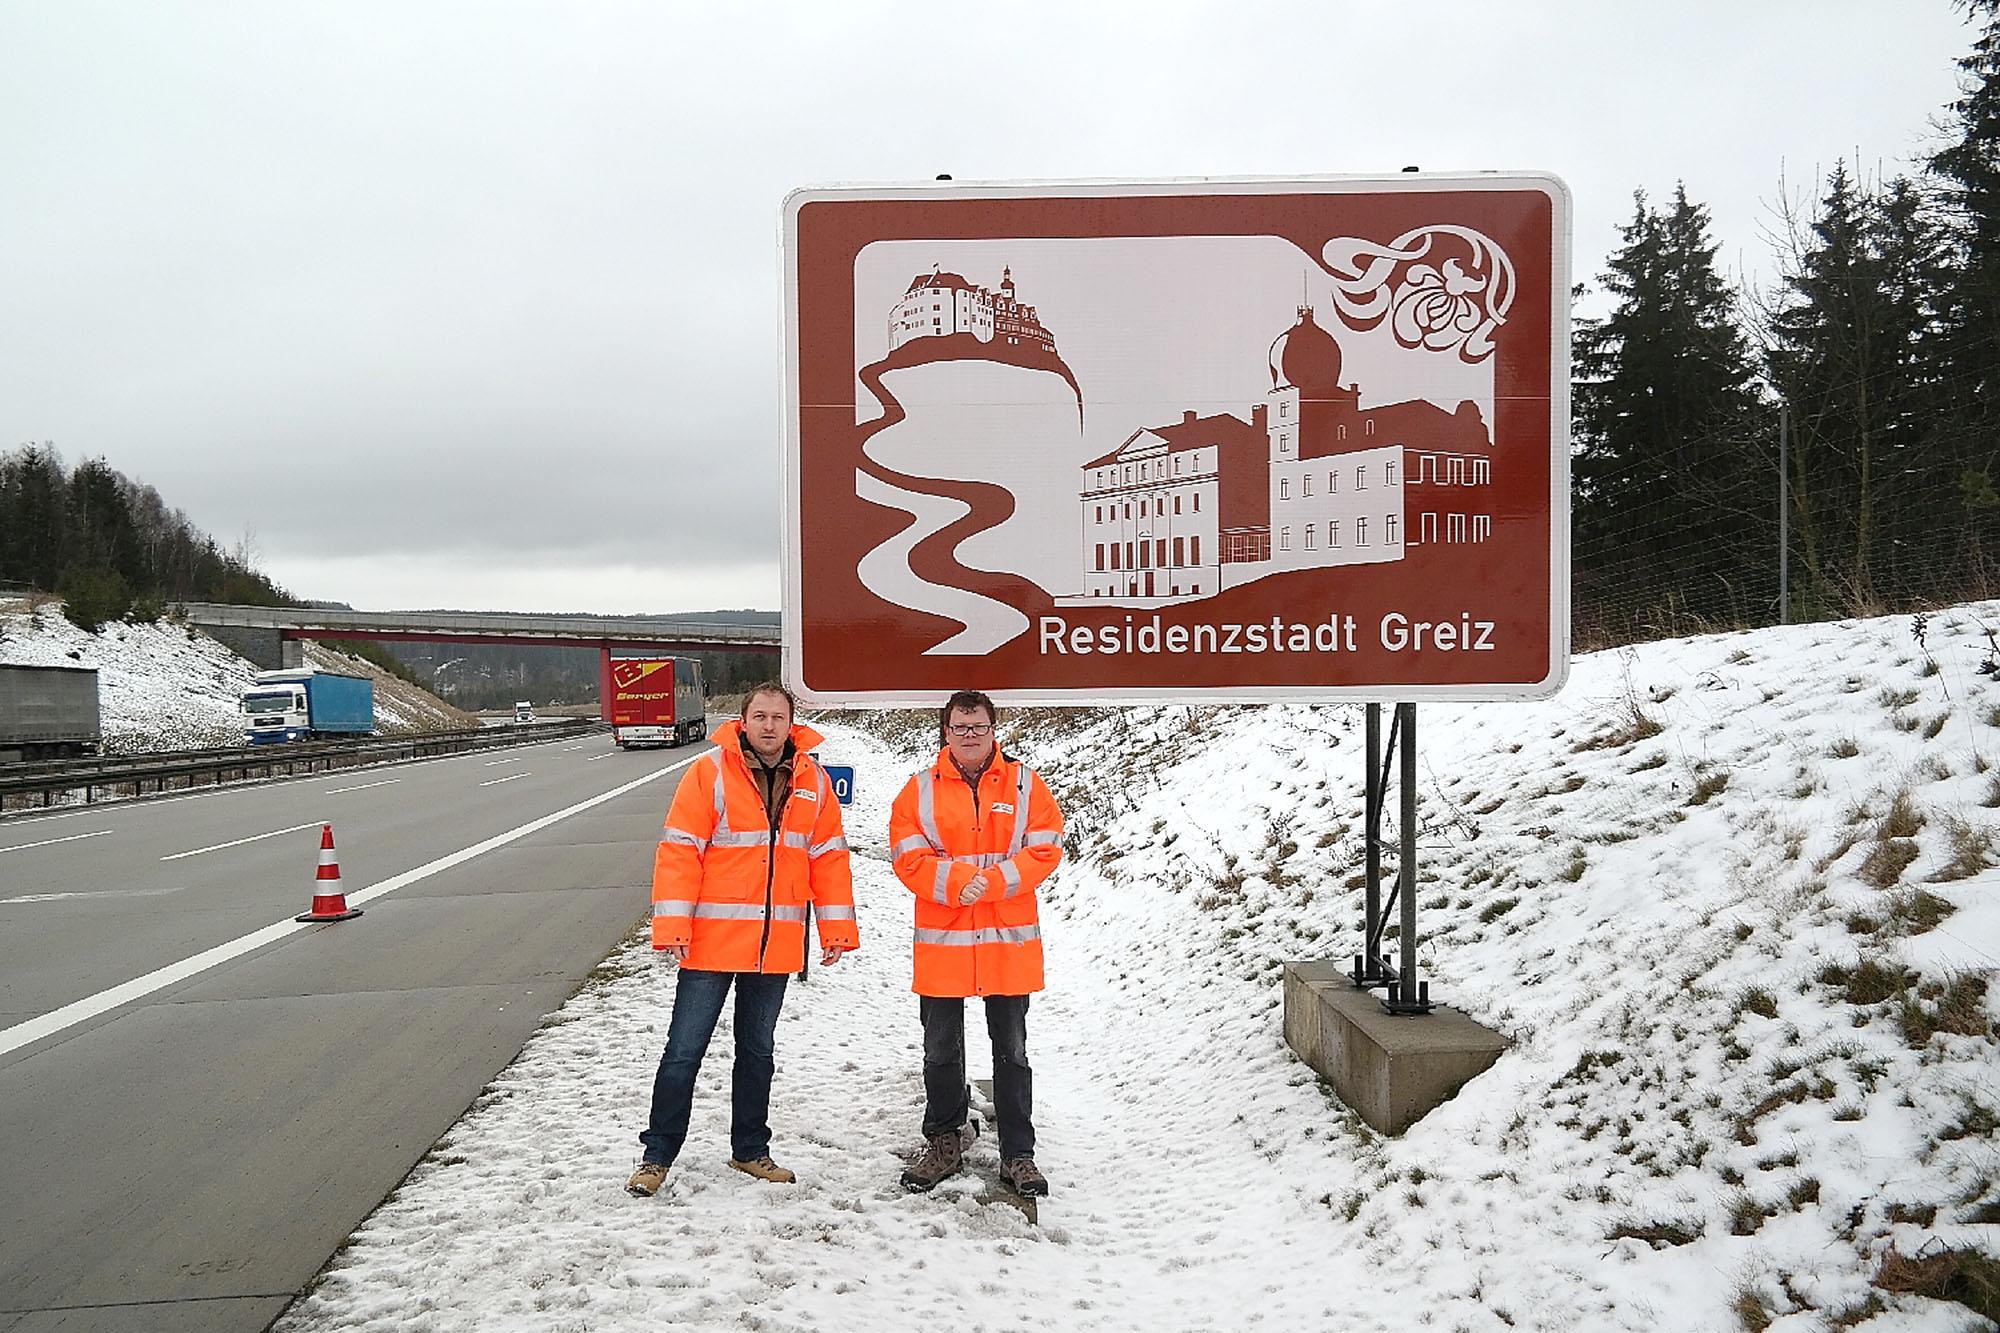 Neue Hinweistafeln an der Autobahn werben für Greiz